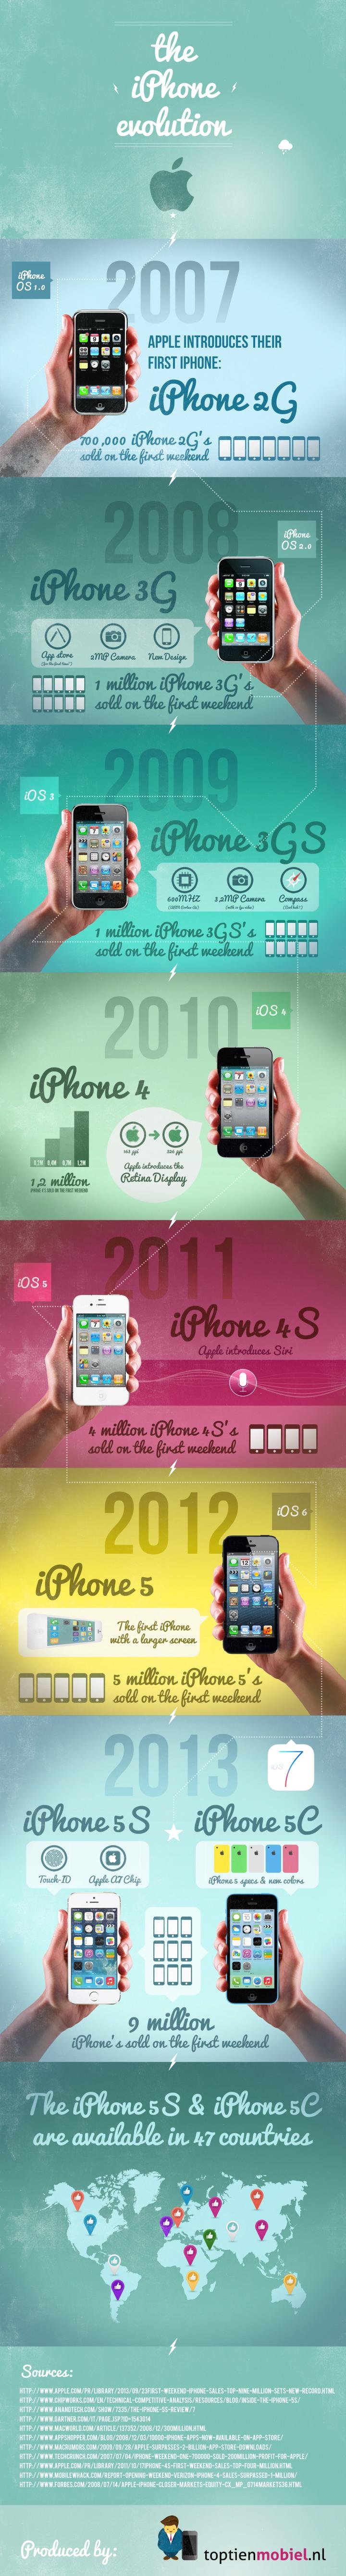 A evolução do iPhone